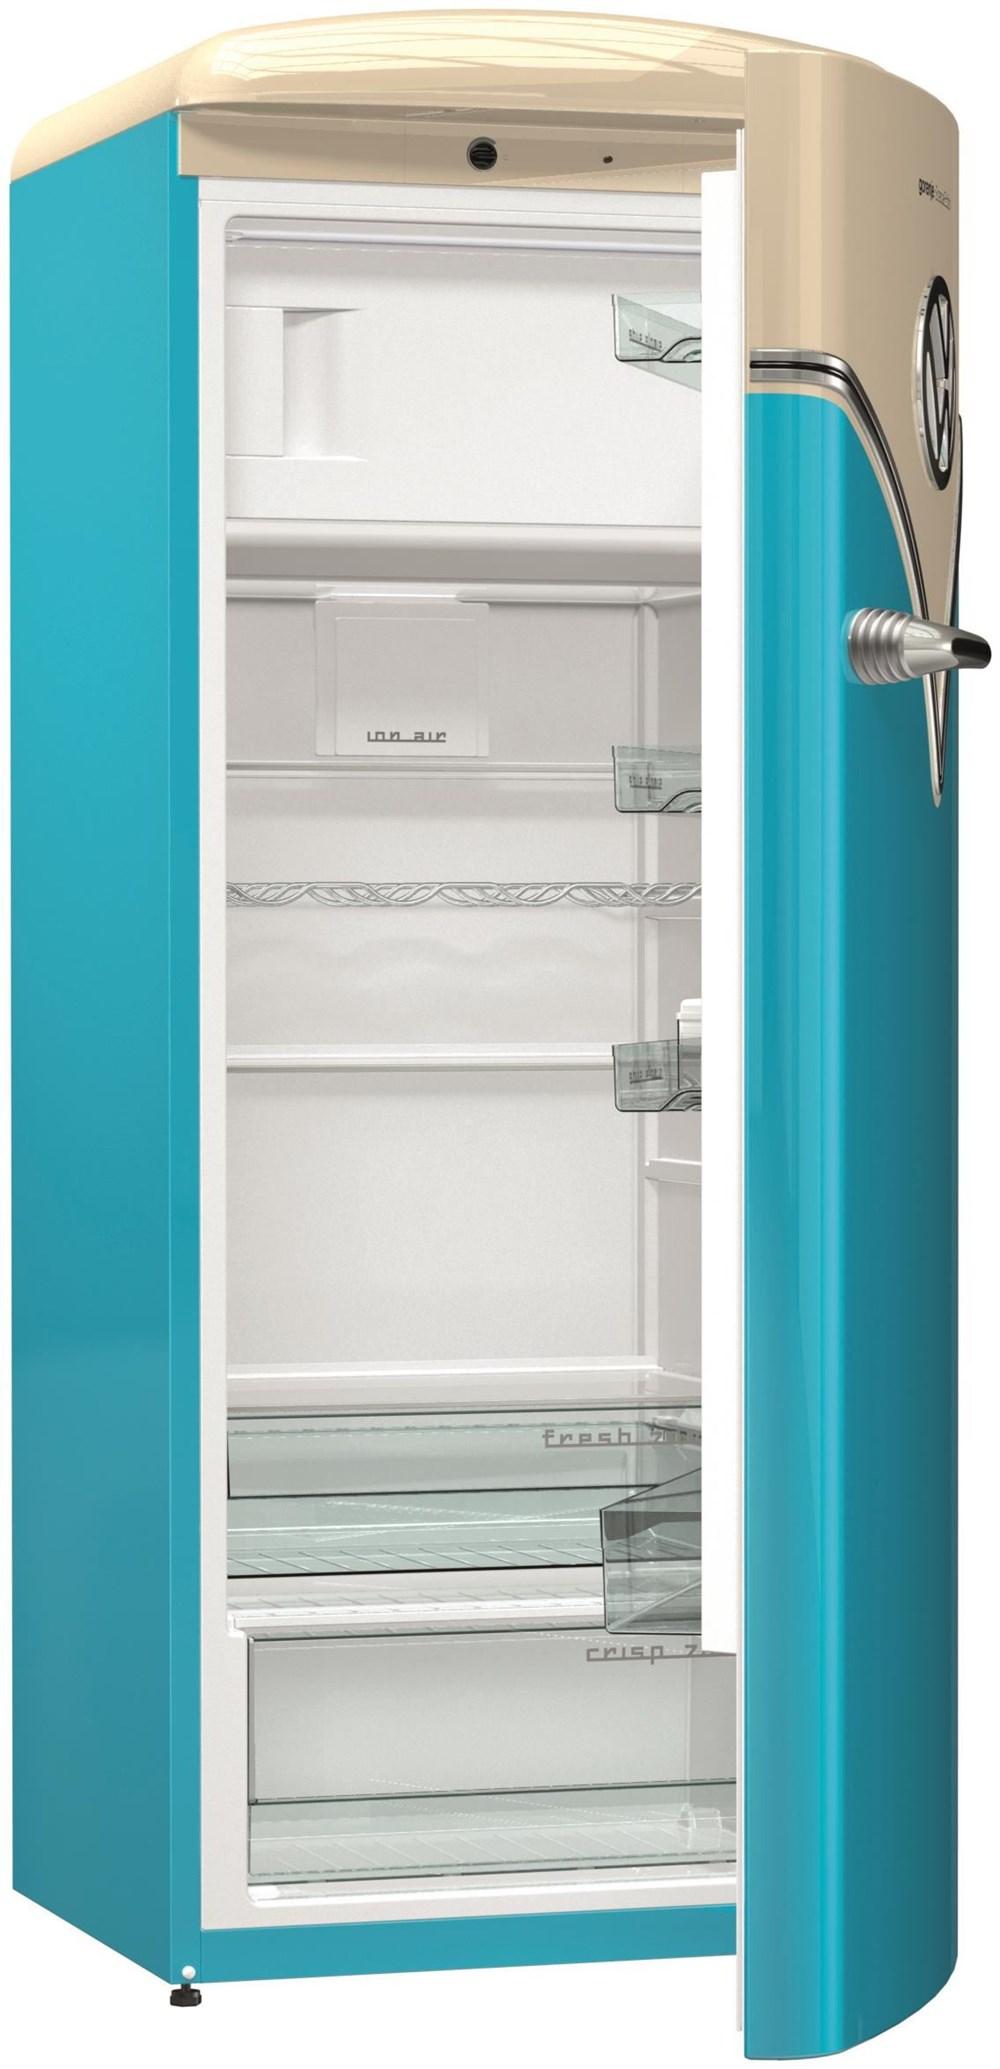 Fein Retro Kühlschränke Gorenje Bilder Die Kinderzimmer Design